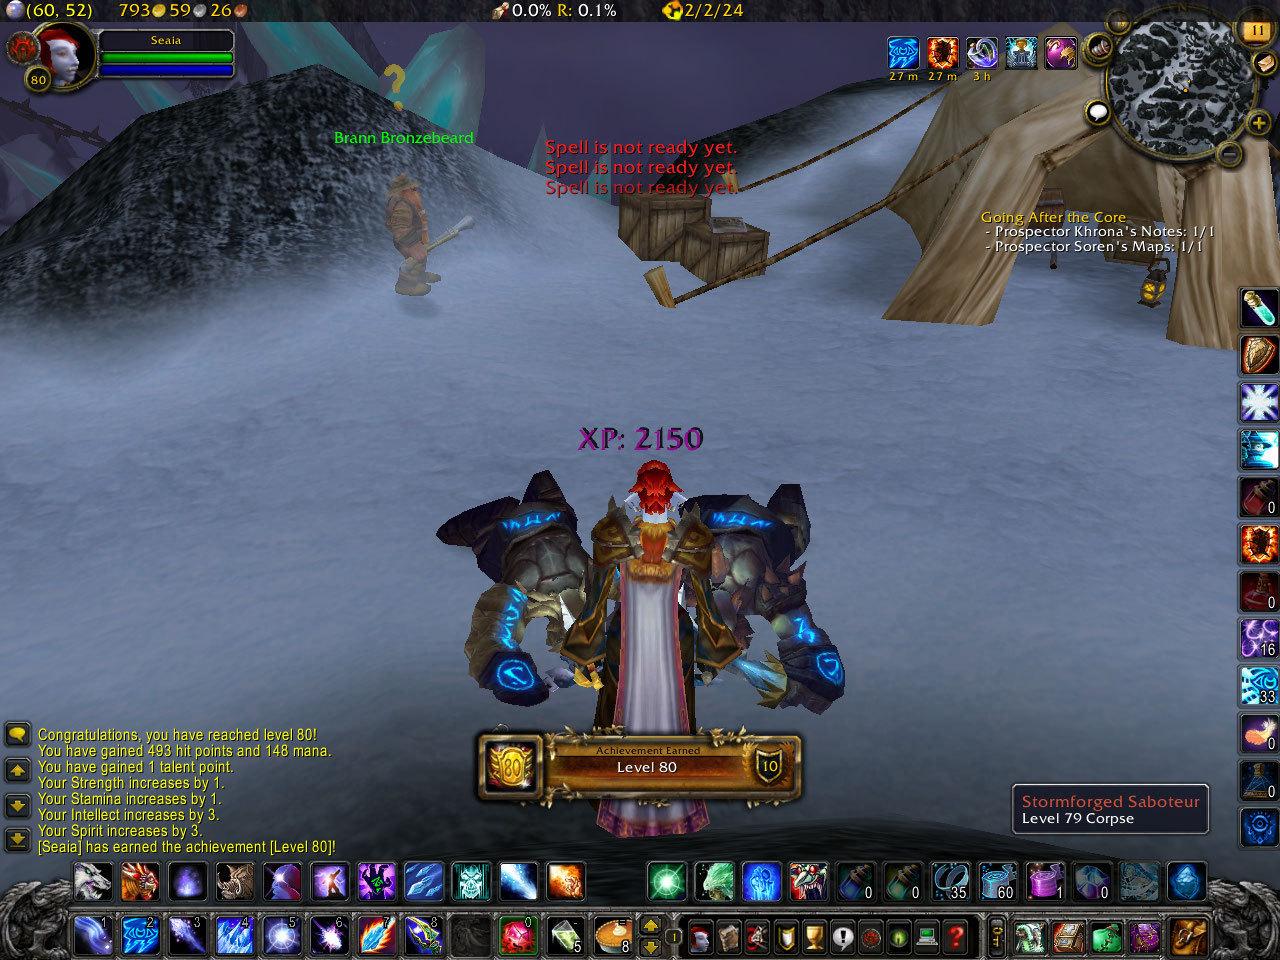 Seaia dings 80 world of warcraft photo 4150293 fanpop